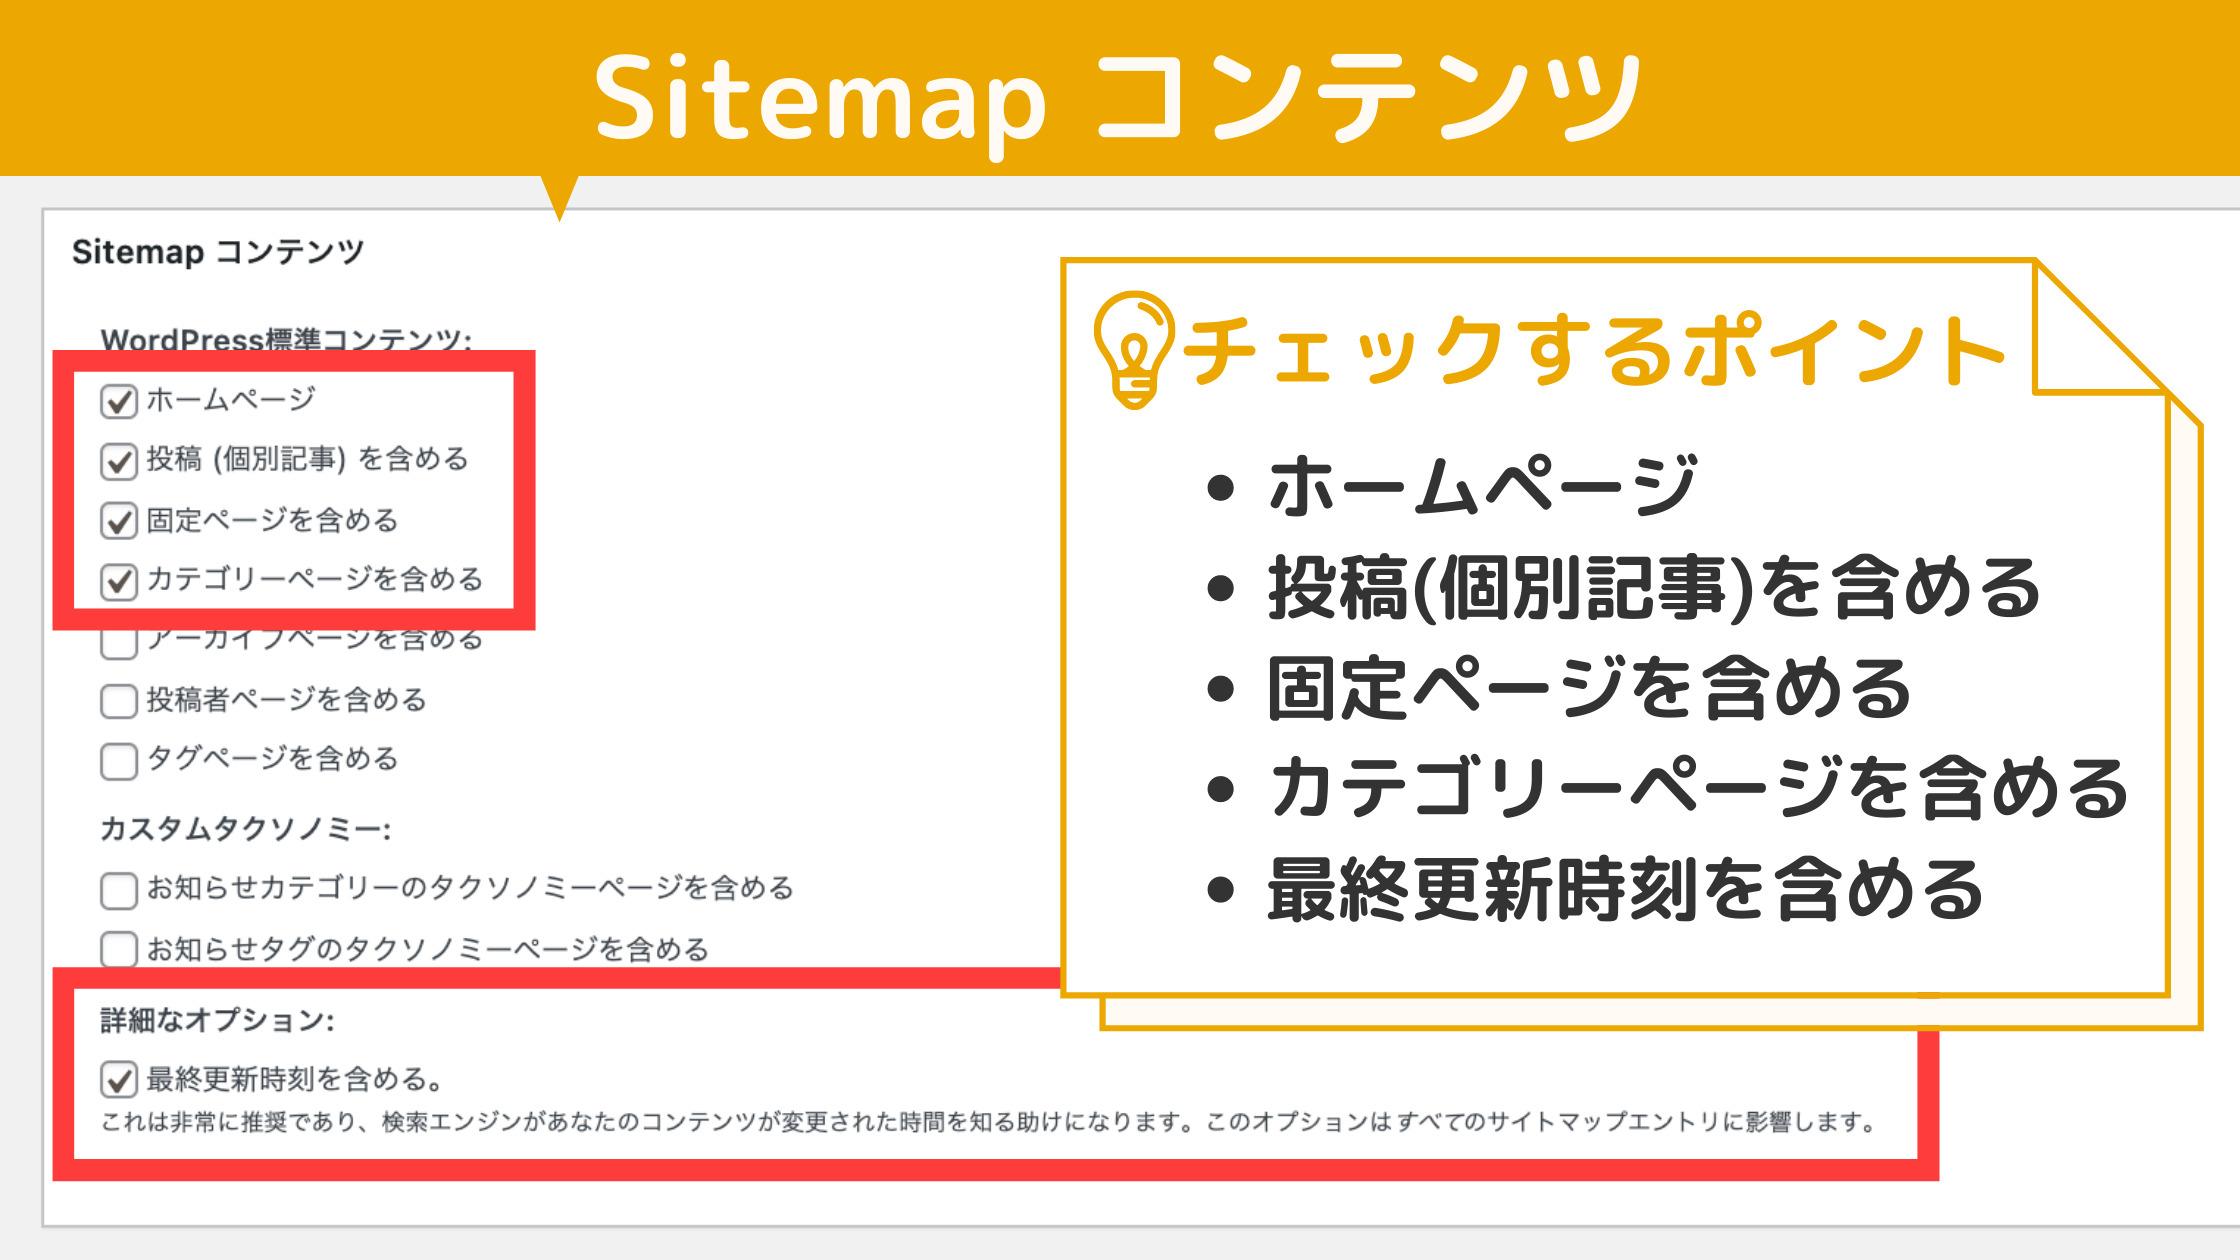 Sitemapコンテンツ